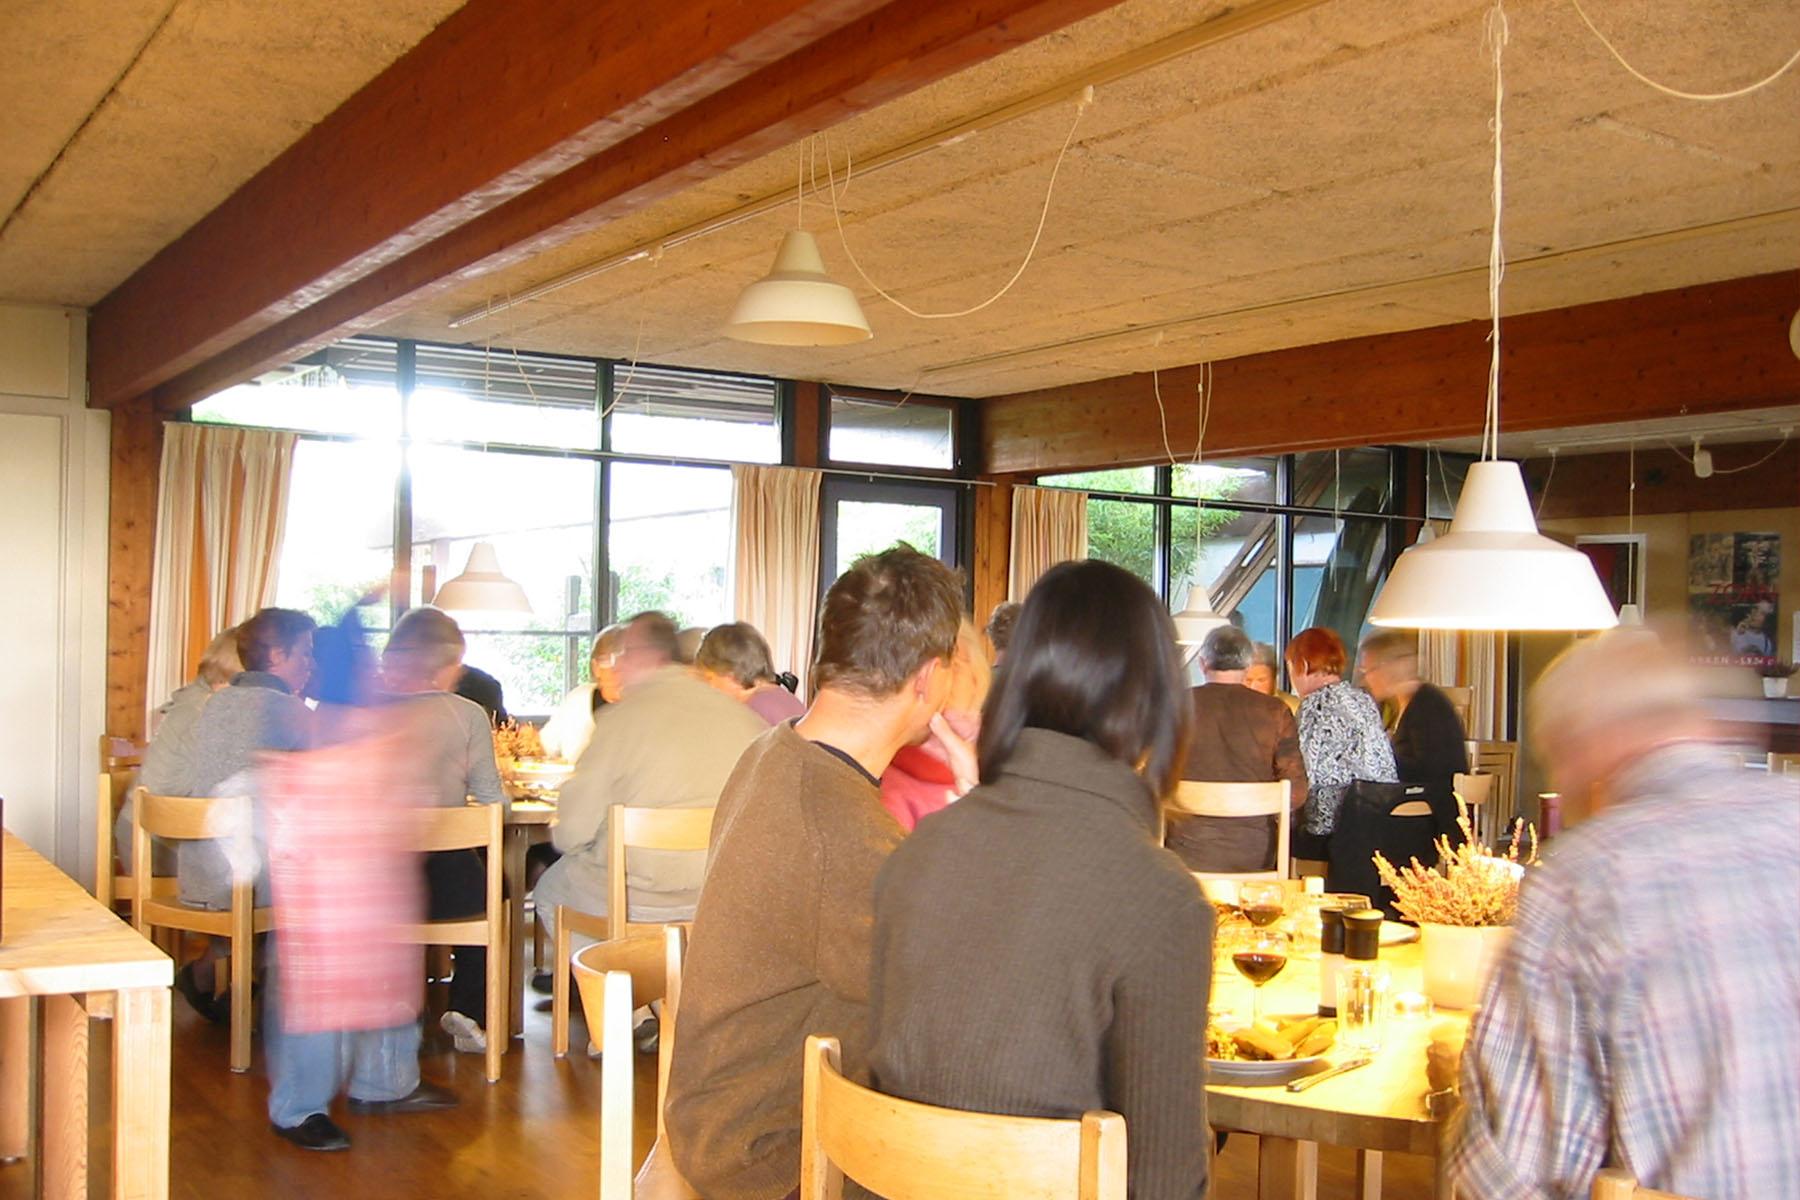 Saettedamen Cohousing  in Hillerød, DK. Designed by Theo Bjerg og Palle Dyrebord